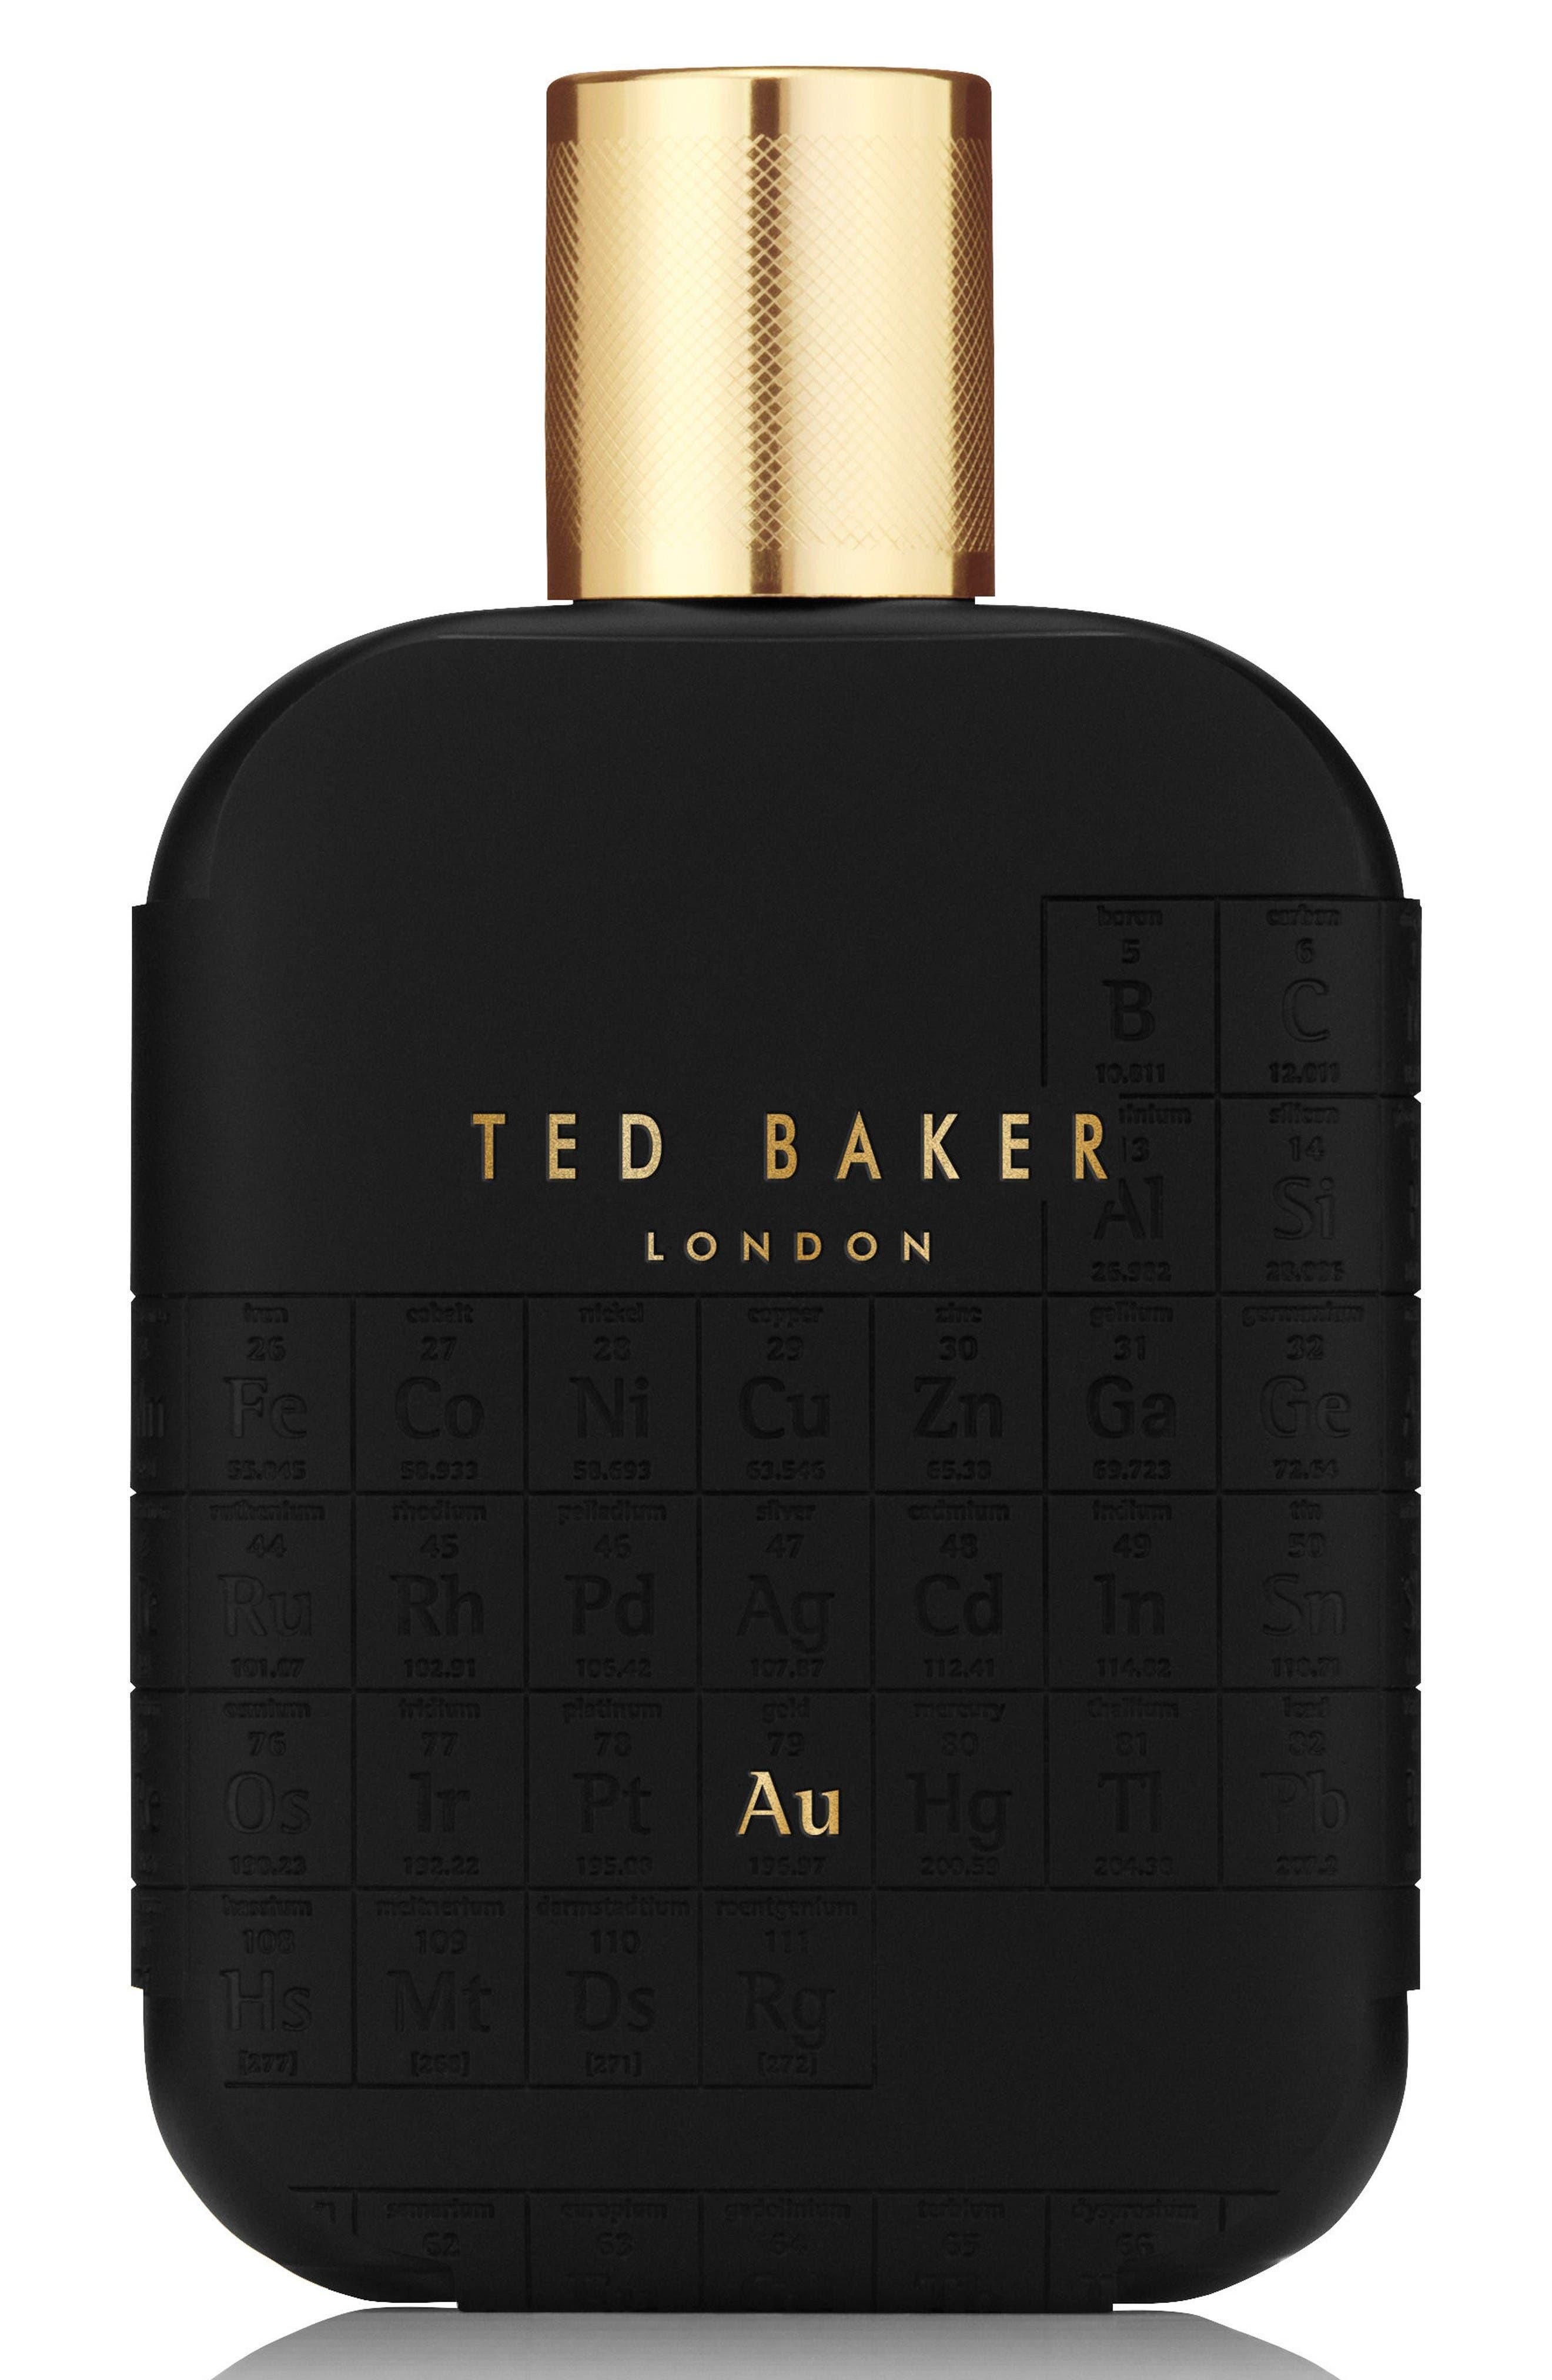 Ted Baker Tonic Au Eau de Toilette (Nordstrom Exclusive)